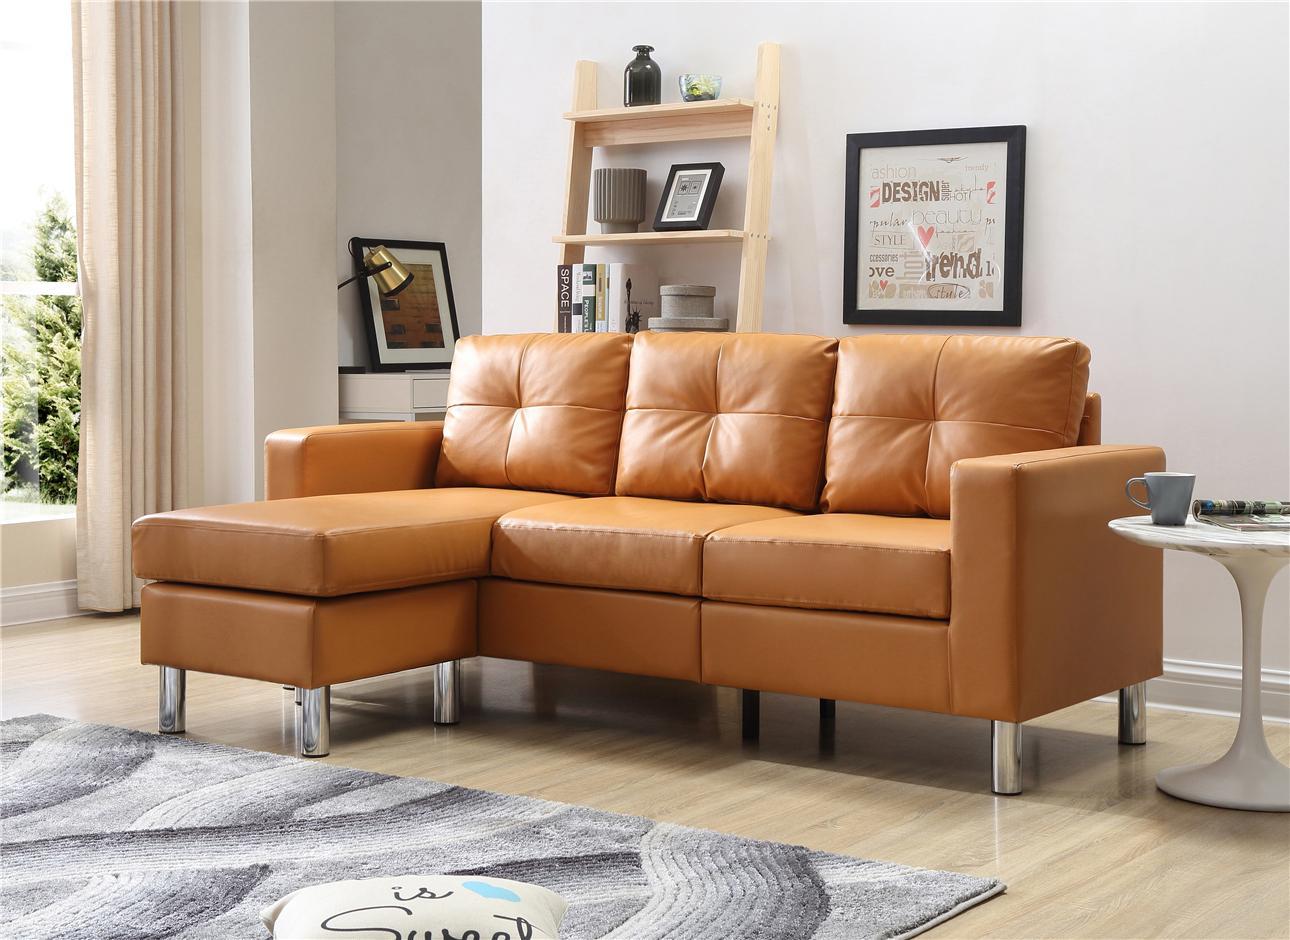 Small Space Convertible Furniture: Amazon.com: Braxton 73030-40WH Small Space Convertible